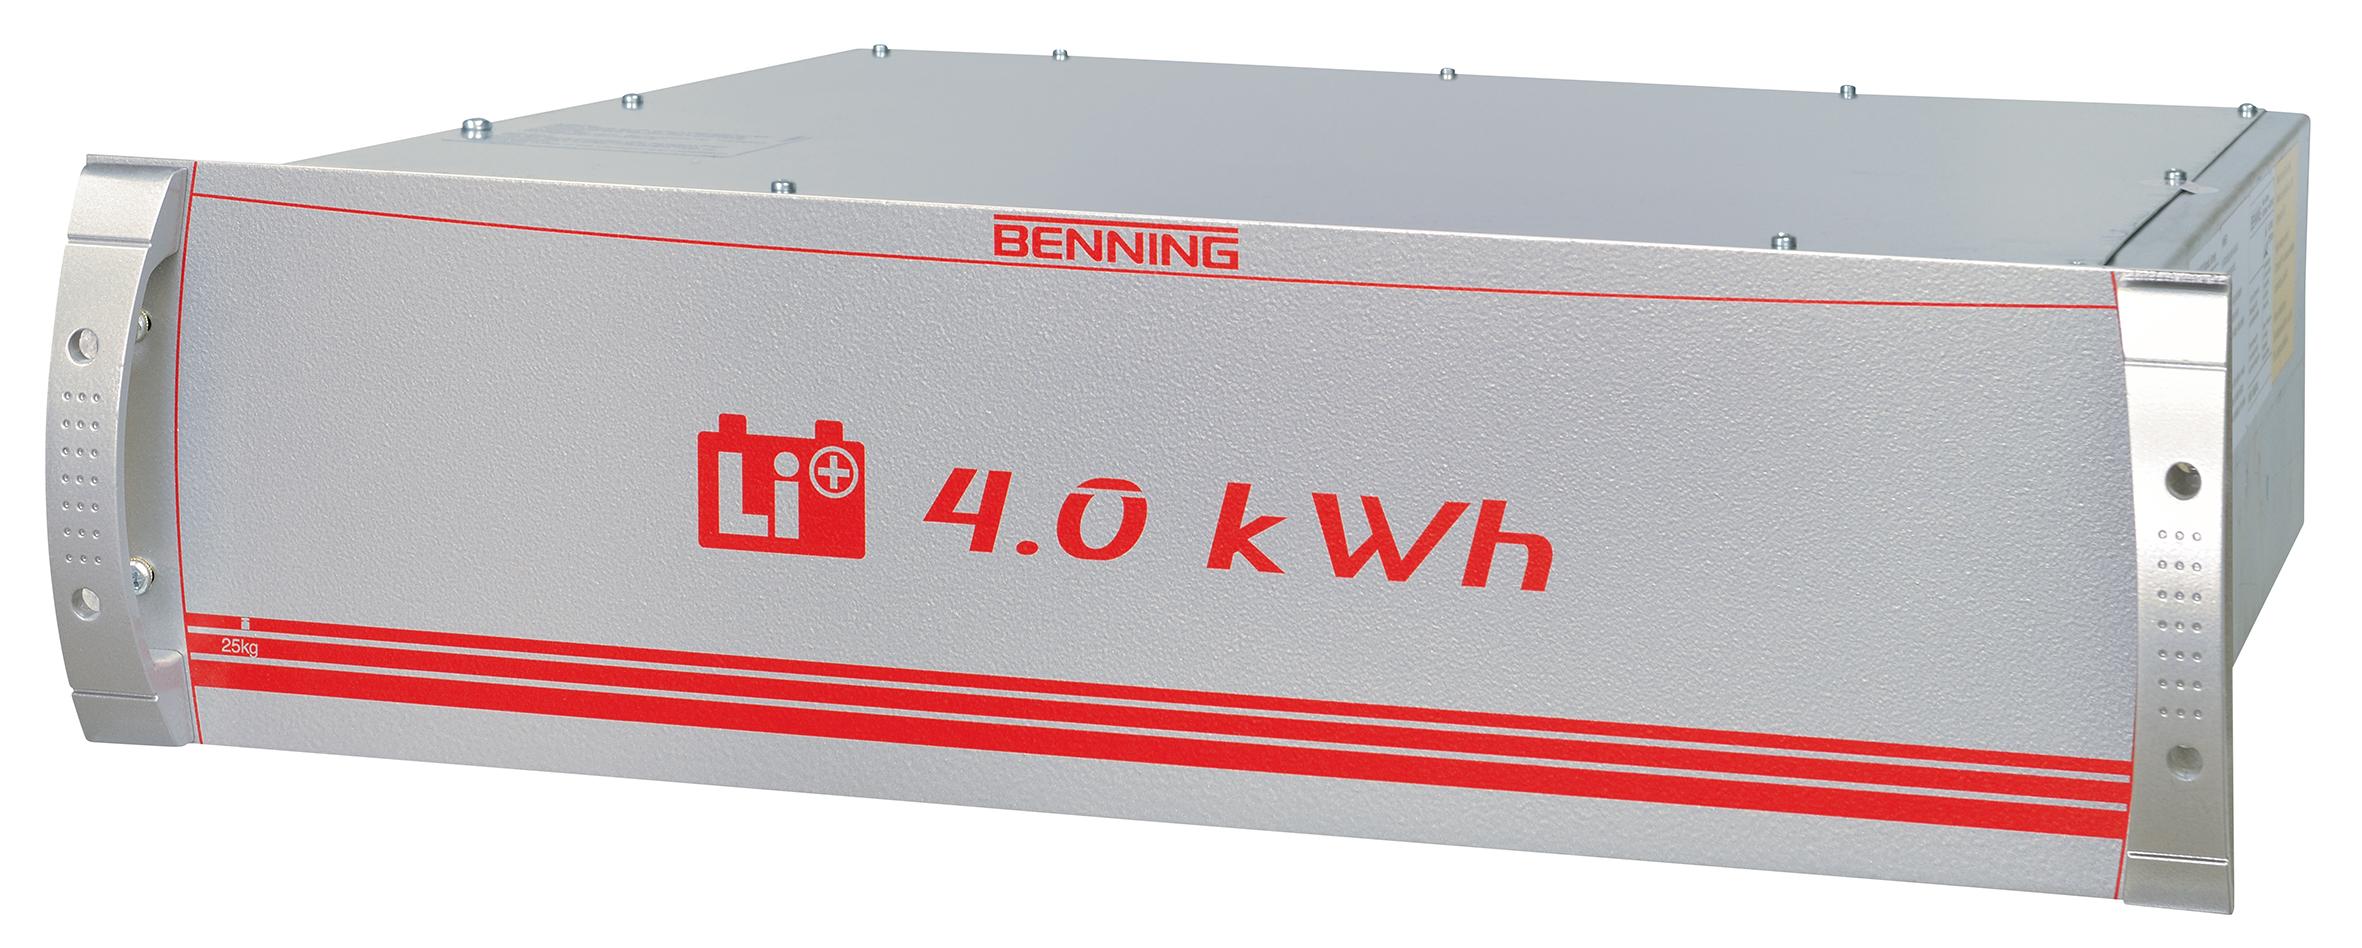 1 Stk Batterieeinschub 4 kWh PVES0002--